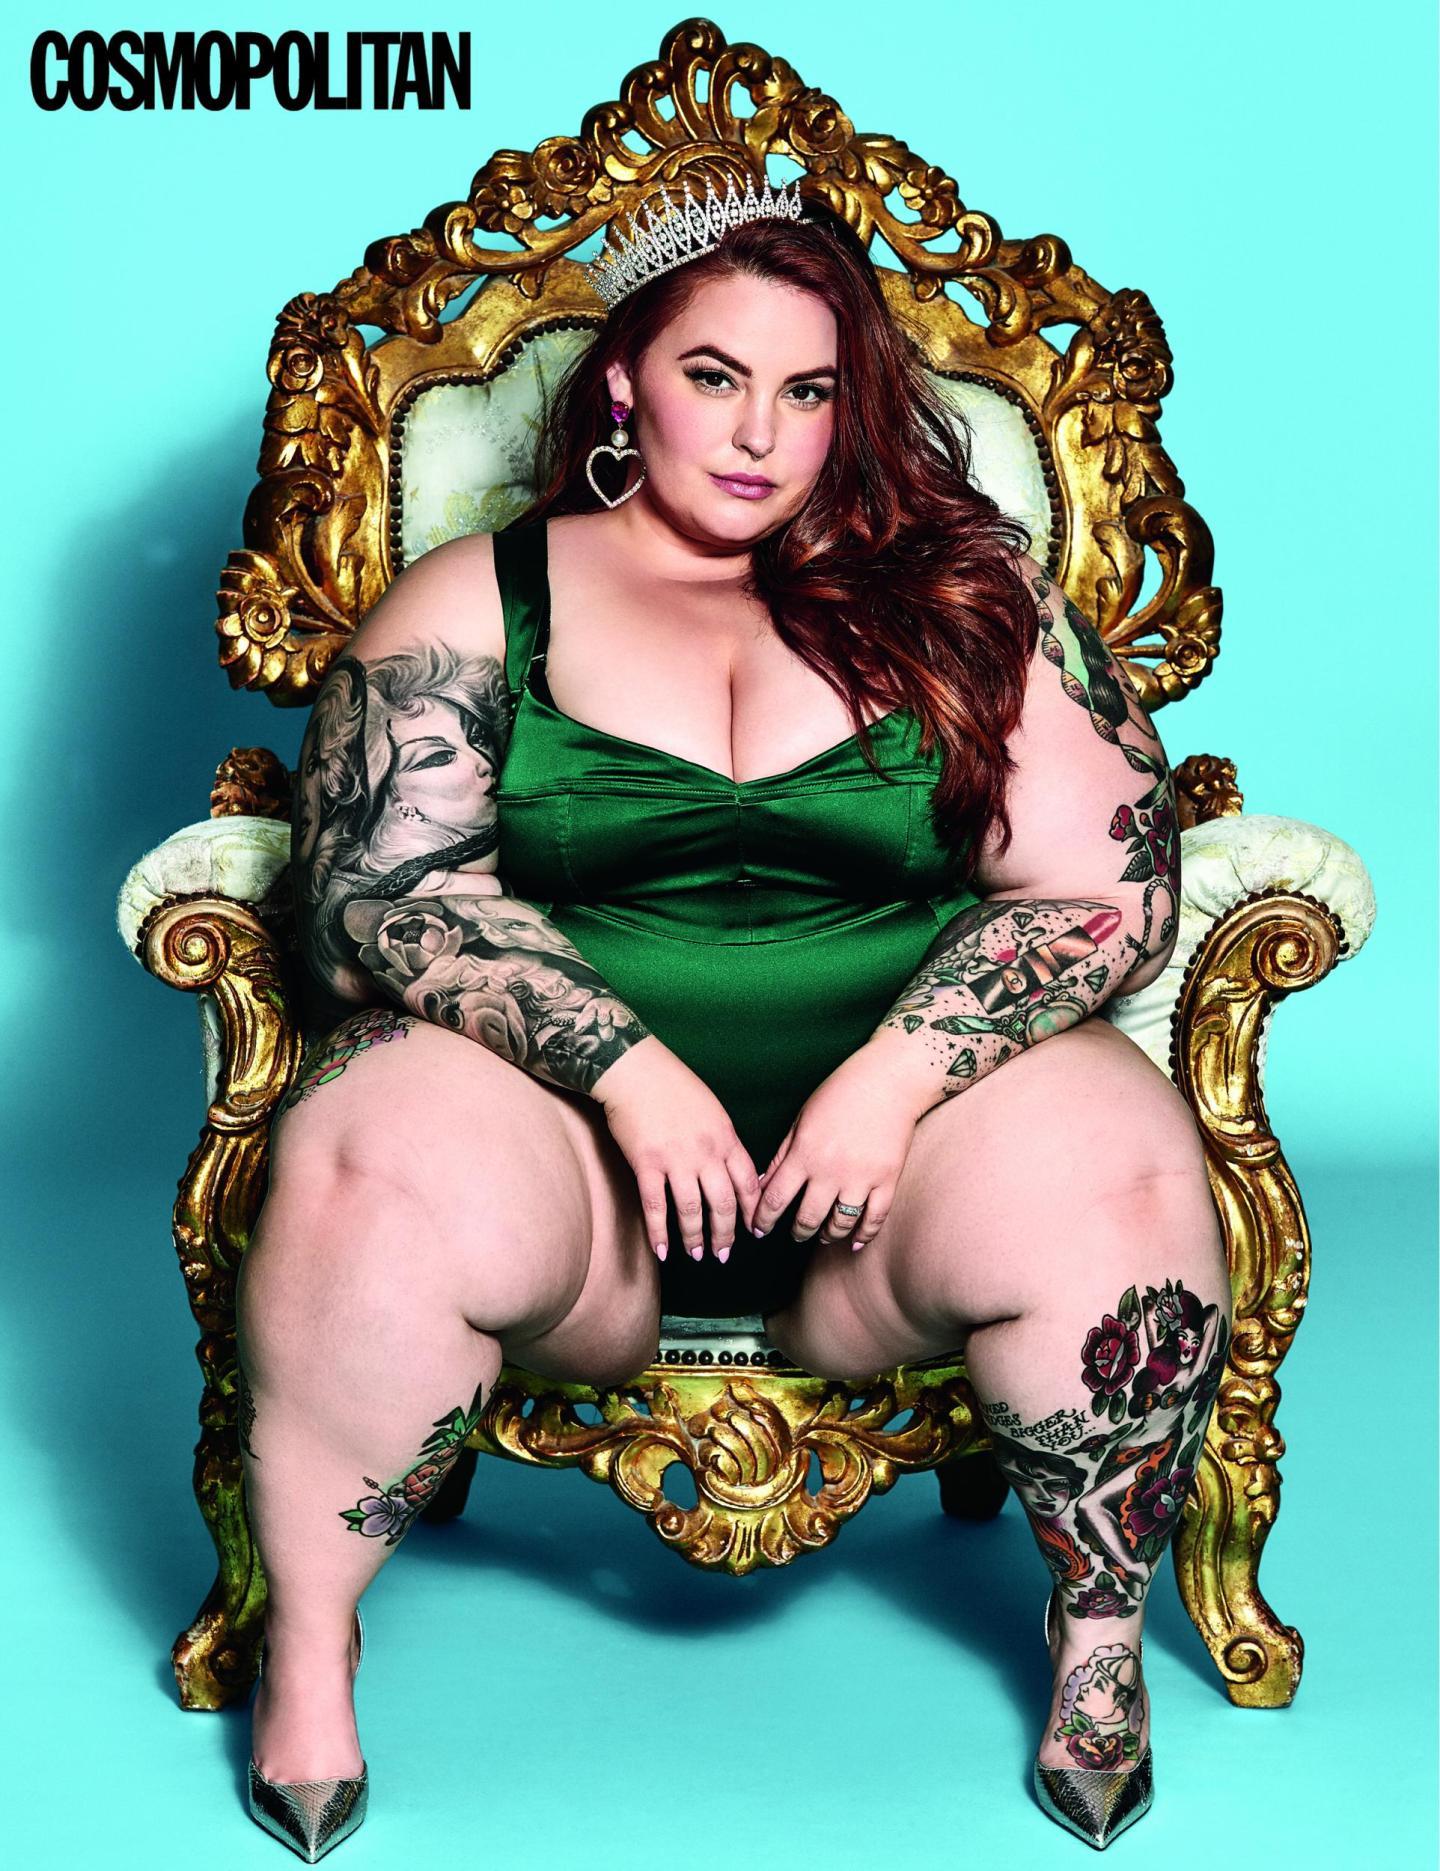 Tess Holliday Cosmopolitan Cover